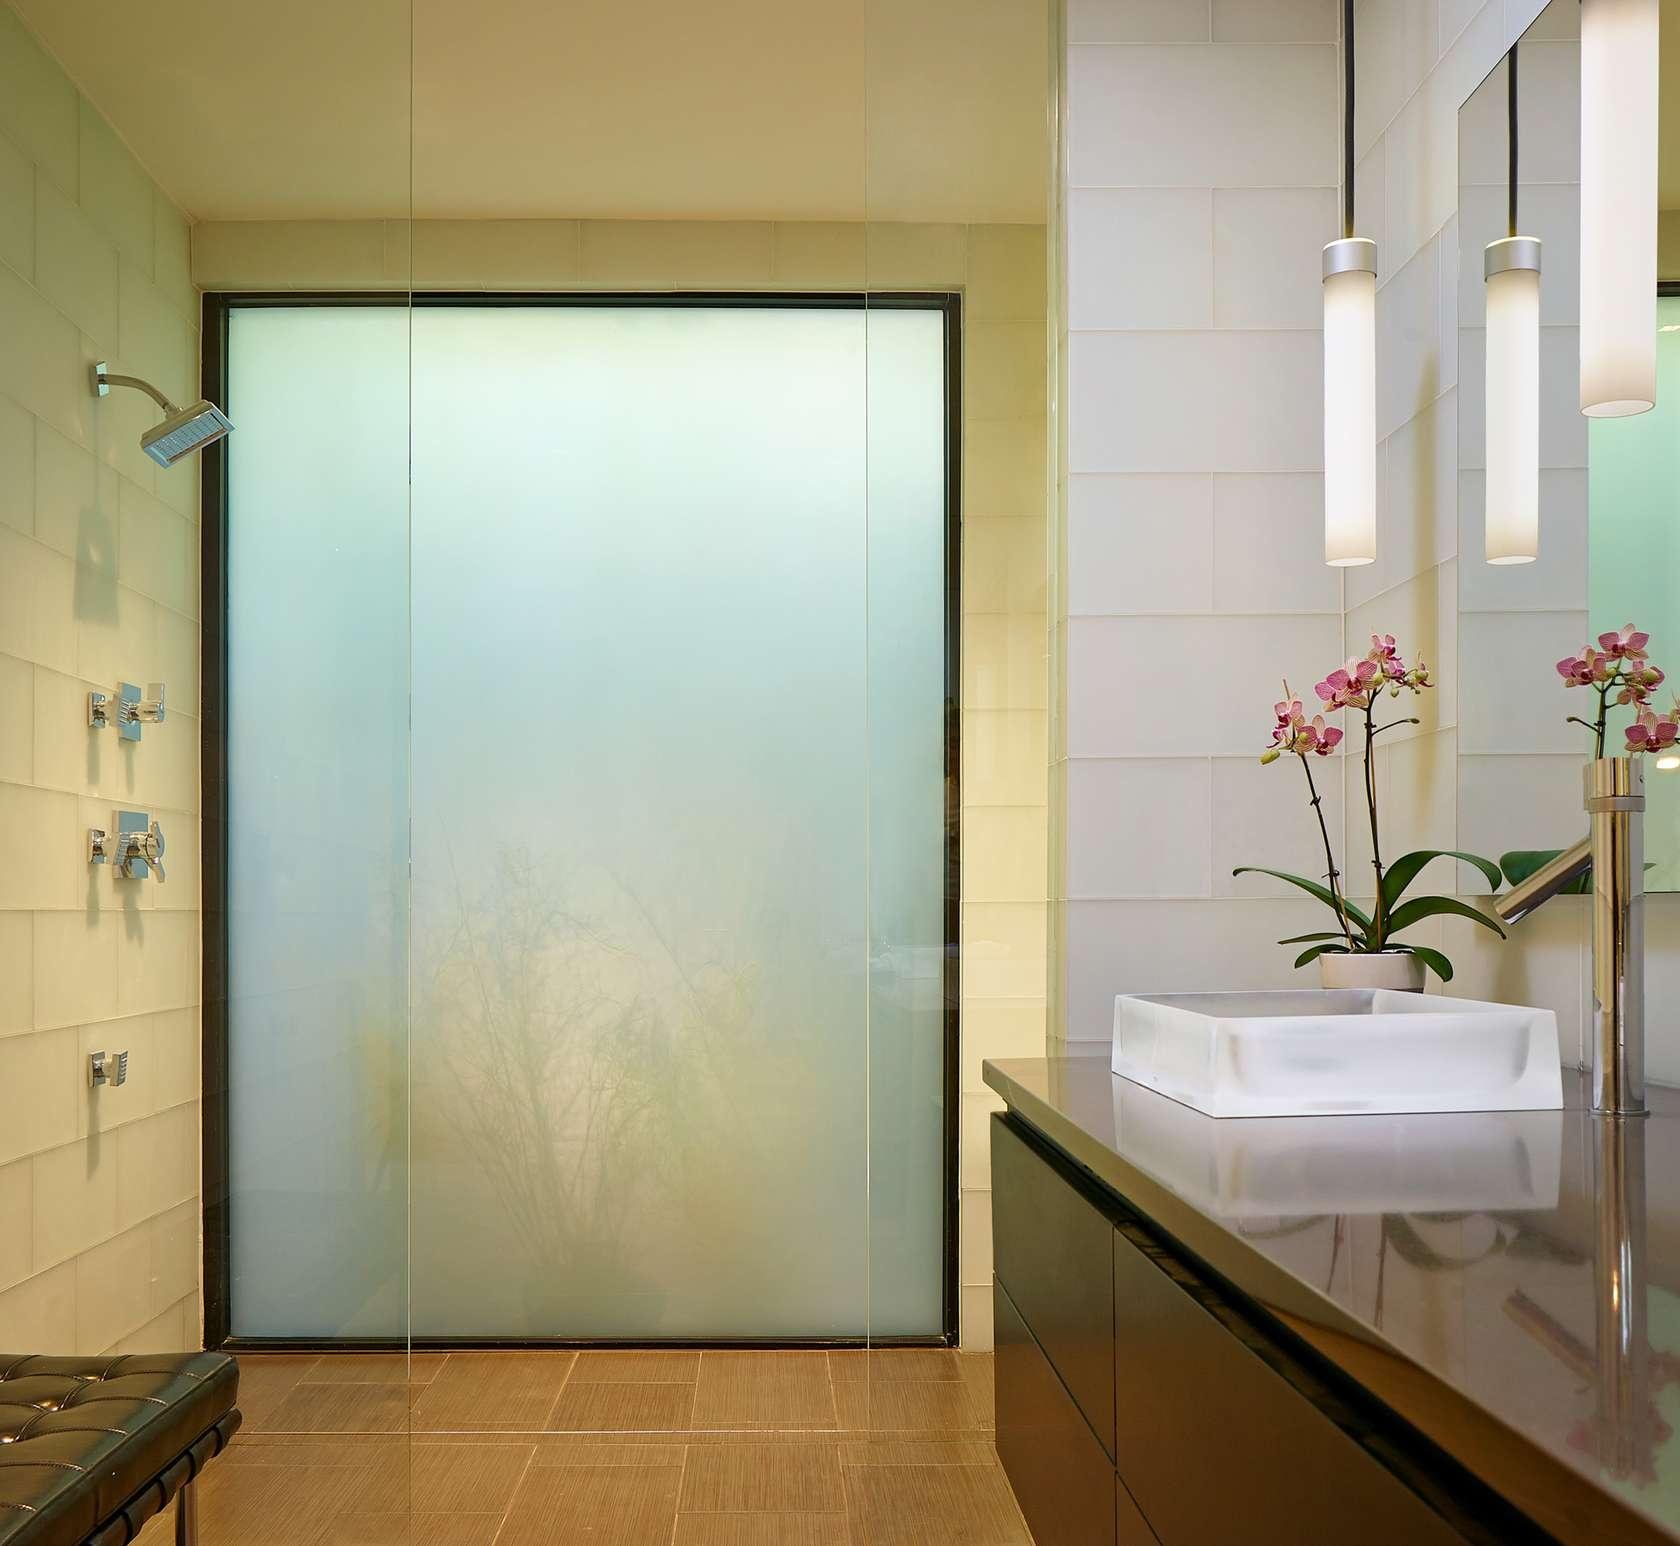 Kúpelňa v kombinácií svetlých stien a tmavého nábytku. Ružové kvety nádherne oživili tento jednoducho navrhnutý priestor. Za mliečnym sklom je veľký sprchový kút.